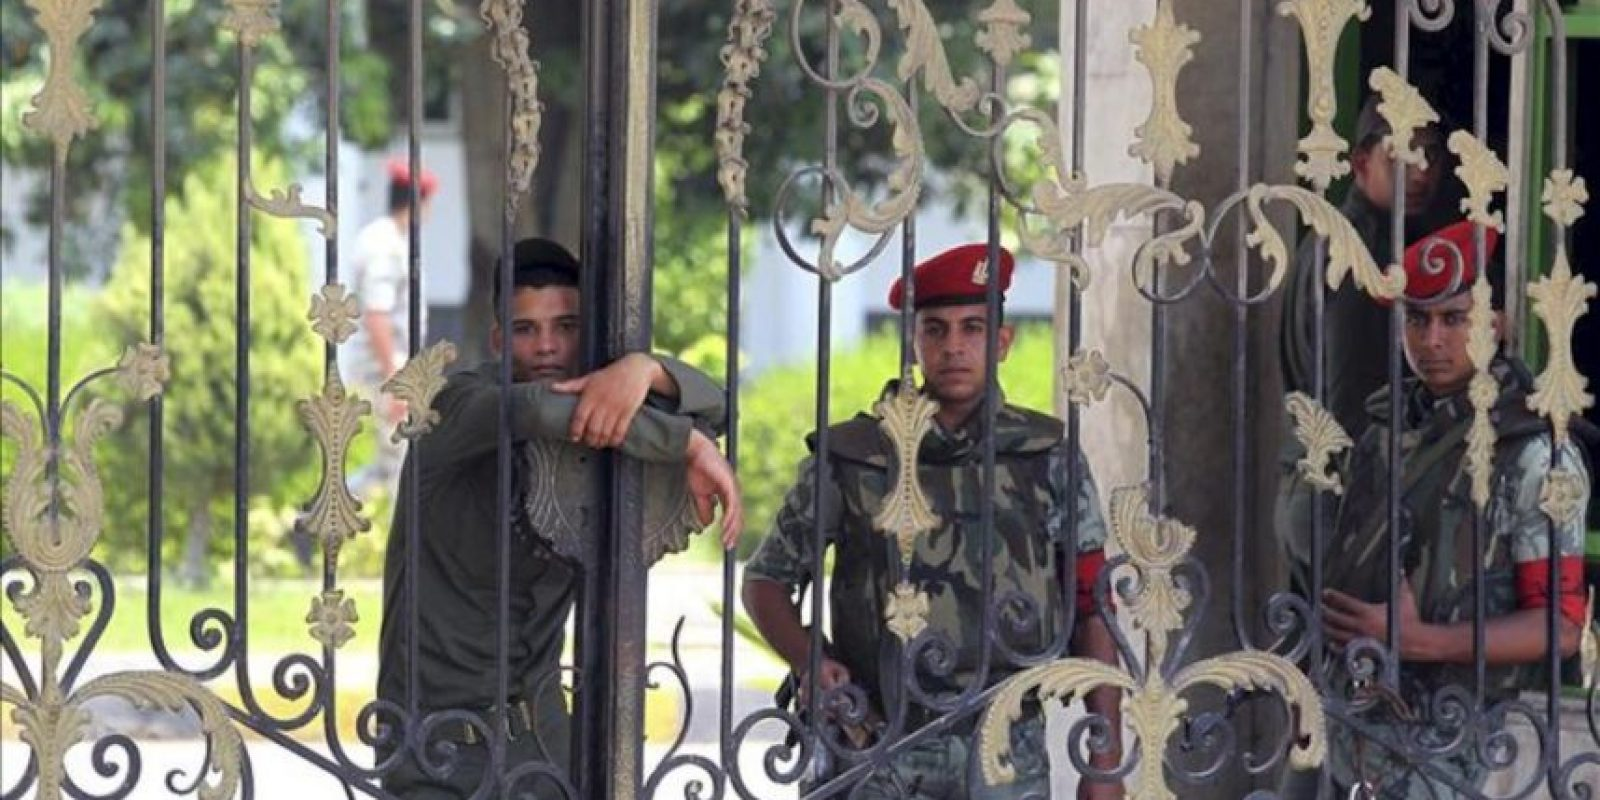 Varios soldados vigilan el acceso del hospital militar del barrio de Maadi donde se encuentra ingresado el expresidente egipcio Hosni Mubarak en El Cairo (Egipto) hoy, miércoles 20 de junio de 2012. EFE